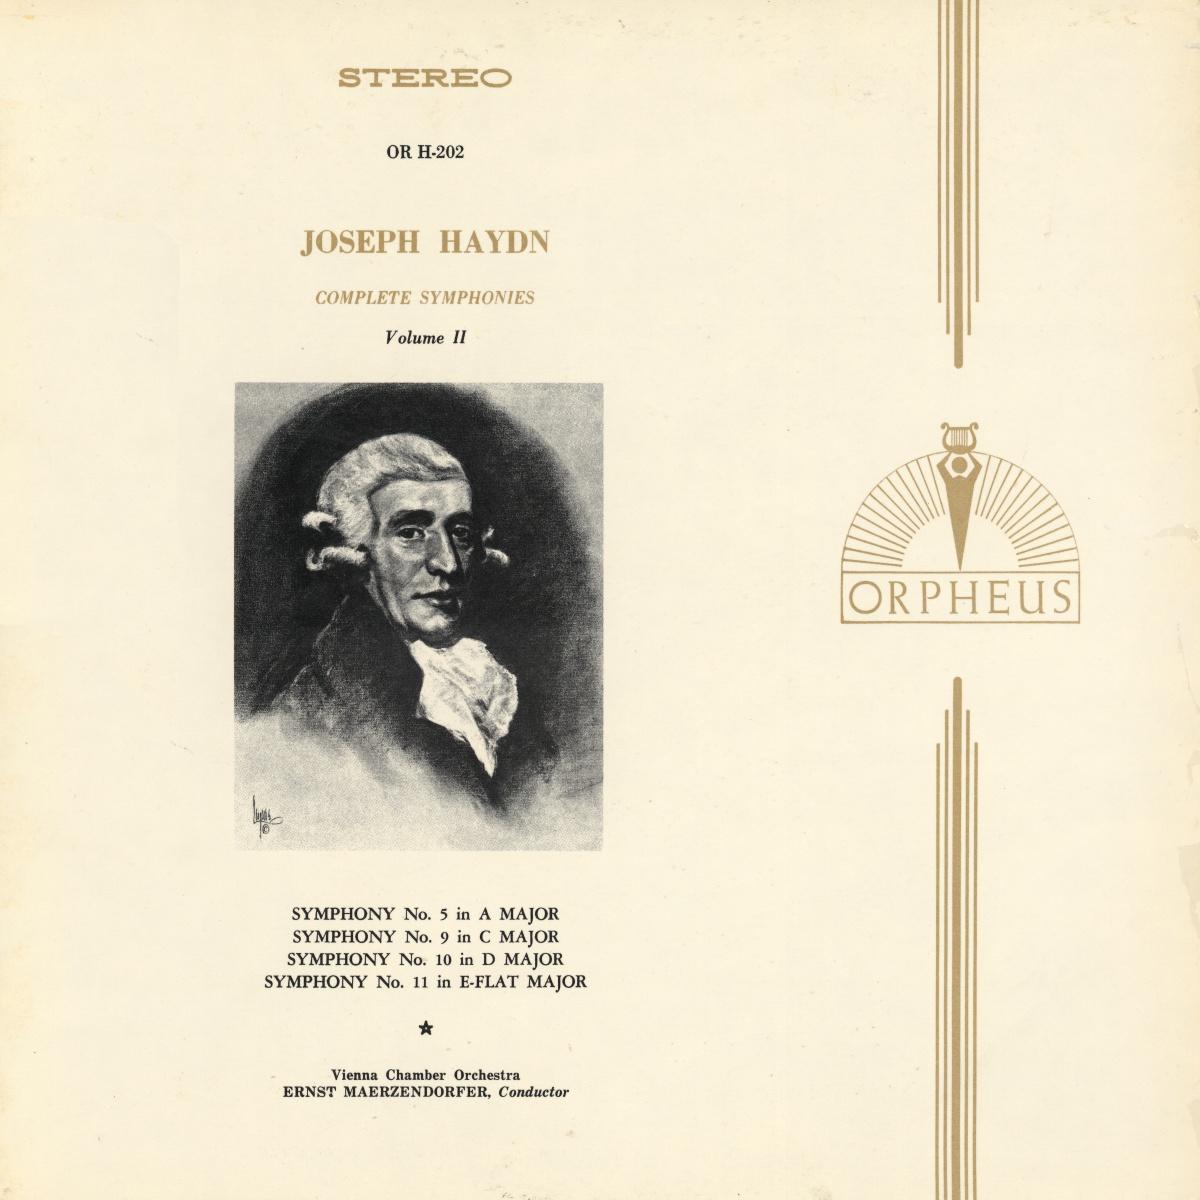 Recto de la pochette du disque MHS Orpheus OR H-202